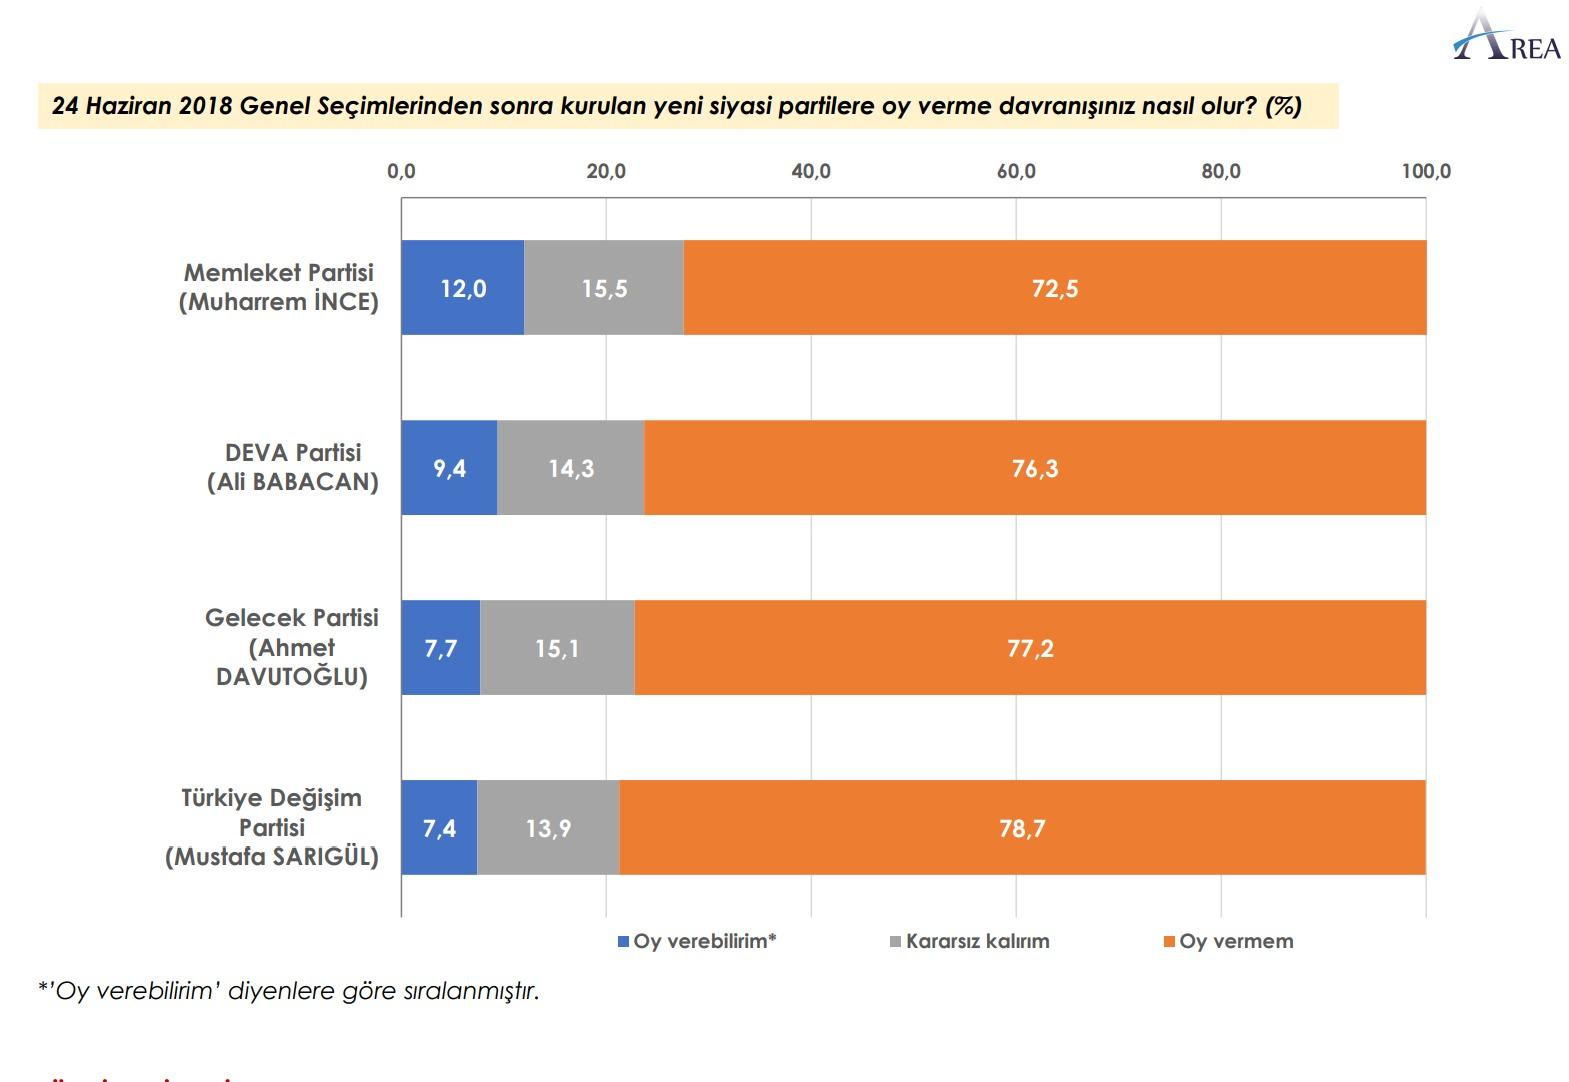 """<p><strong>YENİ KURULAN PARTİLERE YAKLAŞIM NASIL?</strong></p><p>""""24 Haziran 2018 Genel Seçimlerinden sonra kurulan yeni siyasi partilerin ismi ve liderlerini biliyor musunuz?"""" sorusuna yanıtlar şu şekilde:</p><p>DEVA Partisi-Ali Babacan'ı seçmenin yüzde 59,3 bildiğini belirtirken, yüzde 40,7 ise bilgisi olmadığını belirtti.</p><p>Memleket Partisi-Muharrem İnce'yi seçmenin yüzde 58.1 bildiğini belirtirken, yüzde 41,9 bilgisi olmadığını belirtti.</p><p>Gelecek Partisi- Ahmet Davutoğlu'nu seçmenin yüzde 56,5 bildiğini belirtirken, yüzde 43,5 bilgisi olmadığını belirtti.</p><p>Türkiye Değişim Partisi- Mustafa Sarıgül'ü ise seçmenin yüzde 45,7 bildiğini belirtirken, yüzde 54,3'ü bilgisi olmadığını belirtti.</p>"""